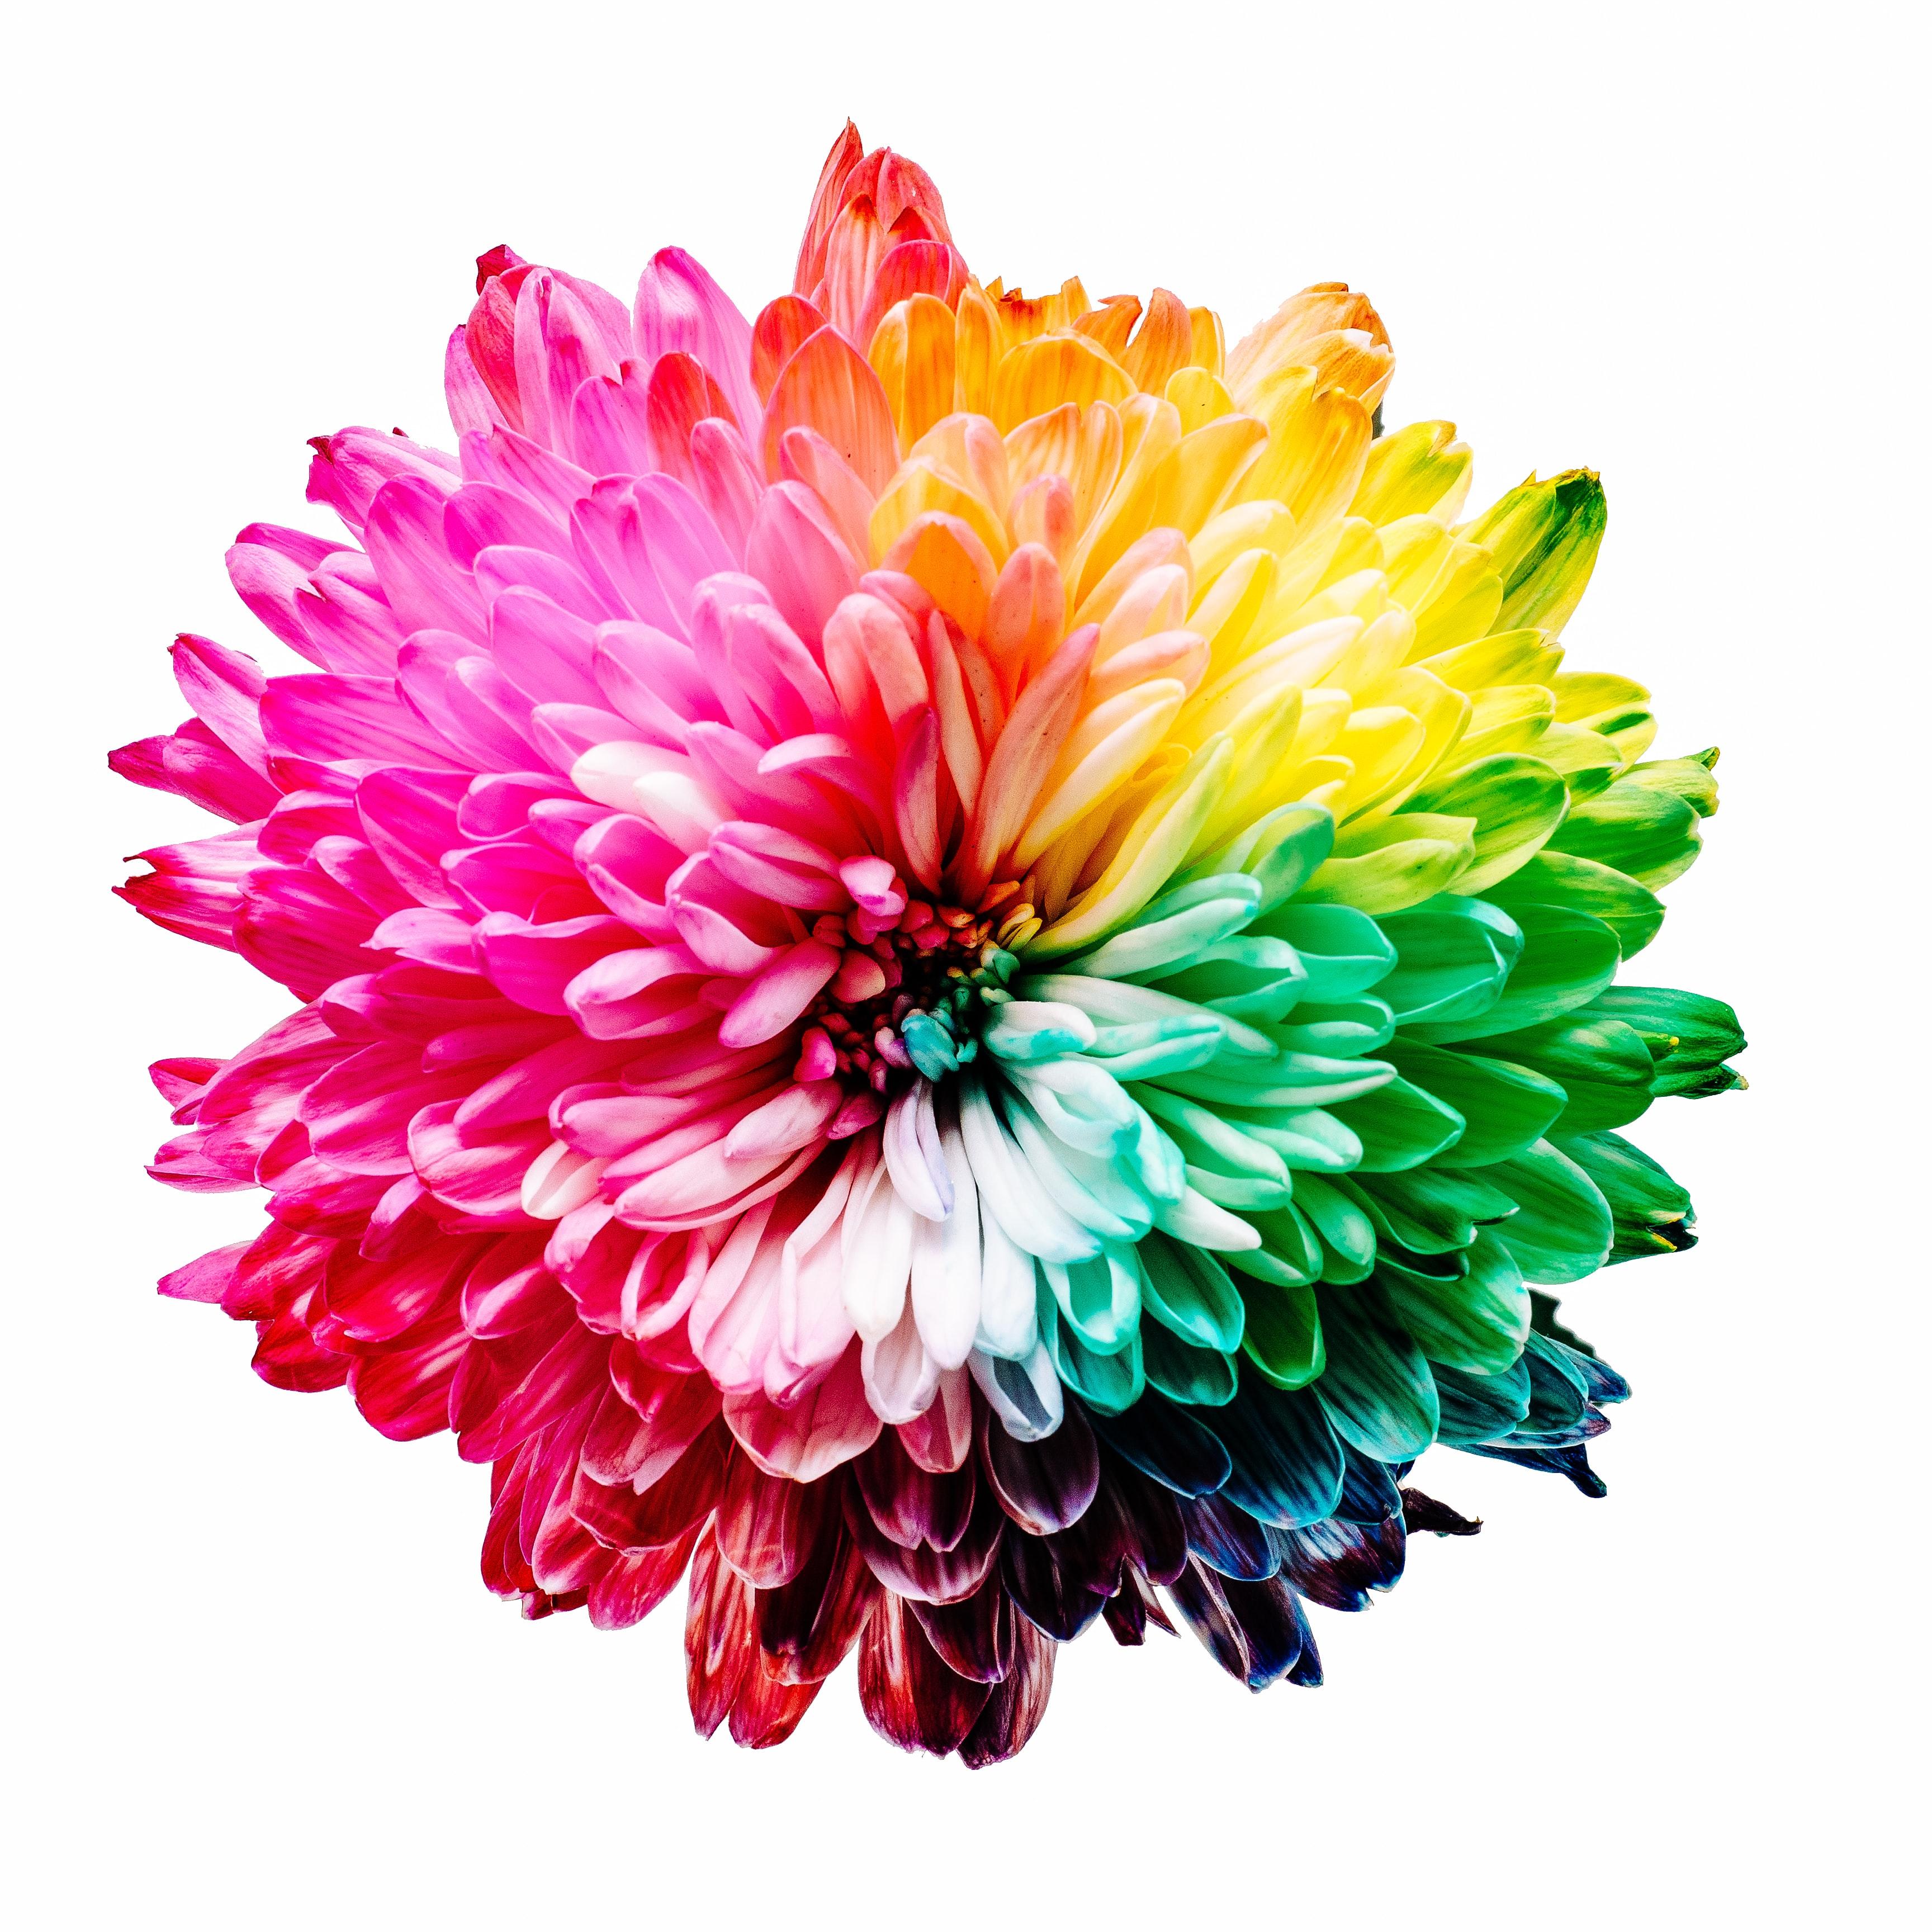 「価値を決めるポイント1:カラー(色味)」のイメージ画像